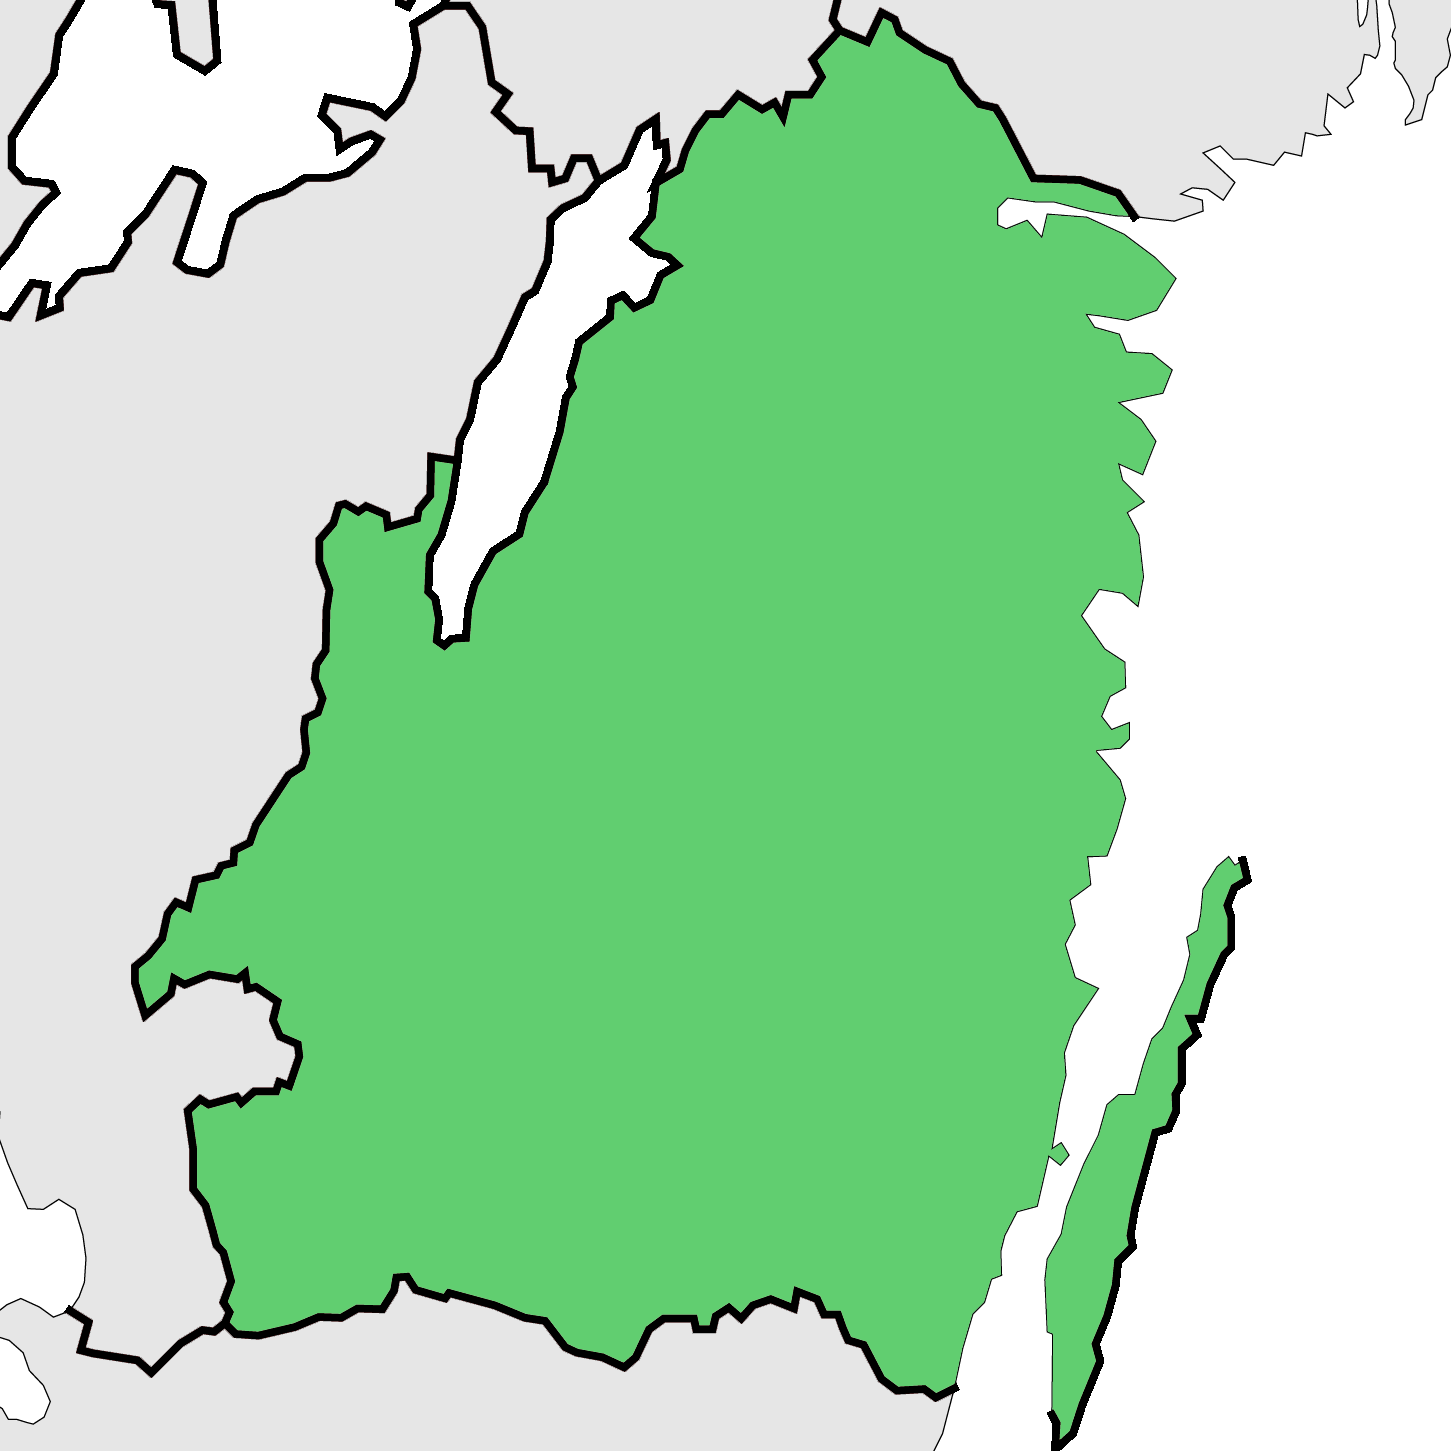 Östergötlands, Jönköpings, Kalmar och Kronobergs län,